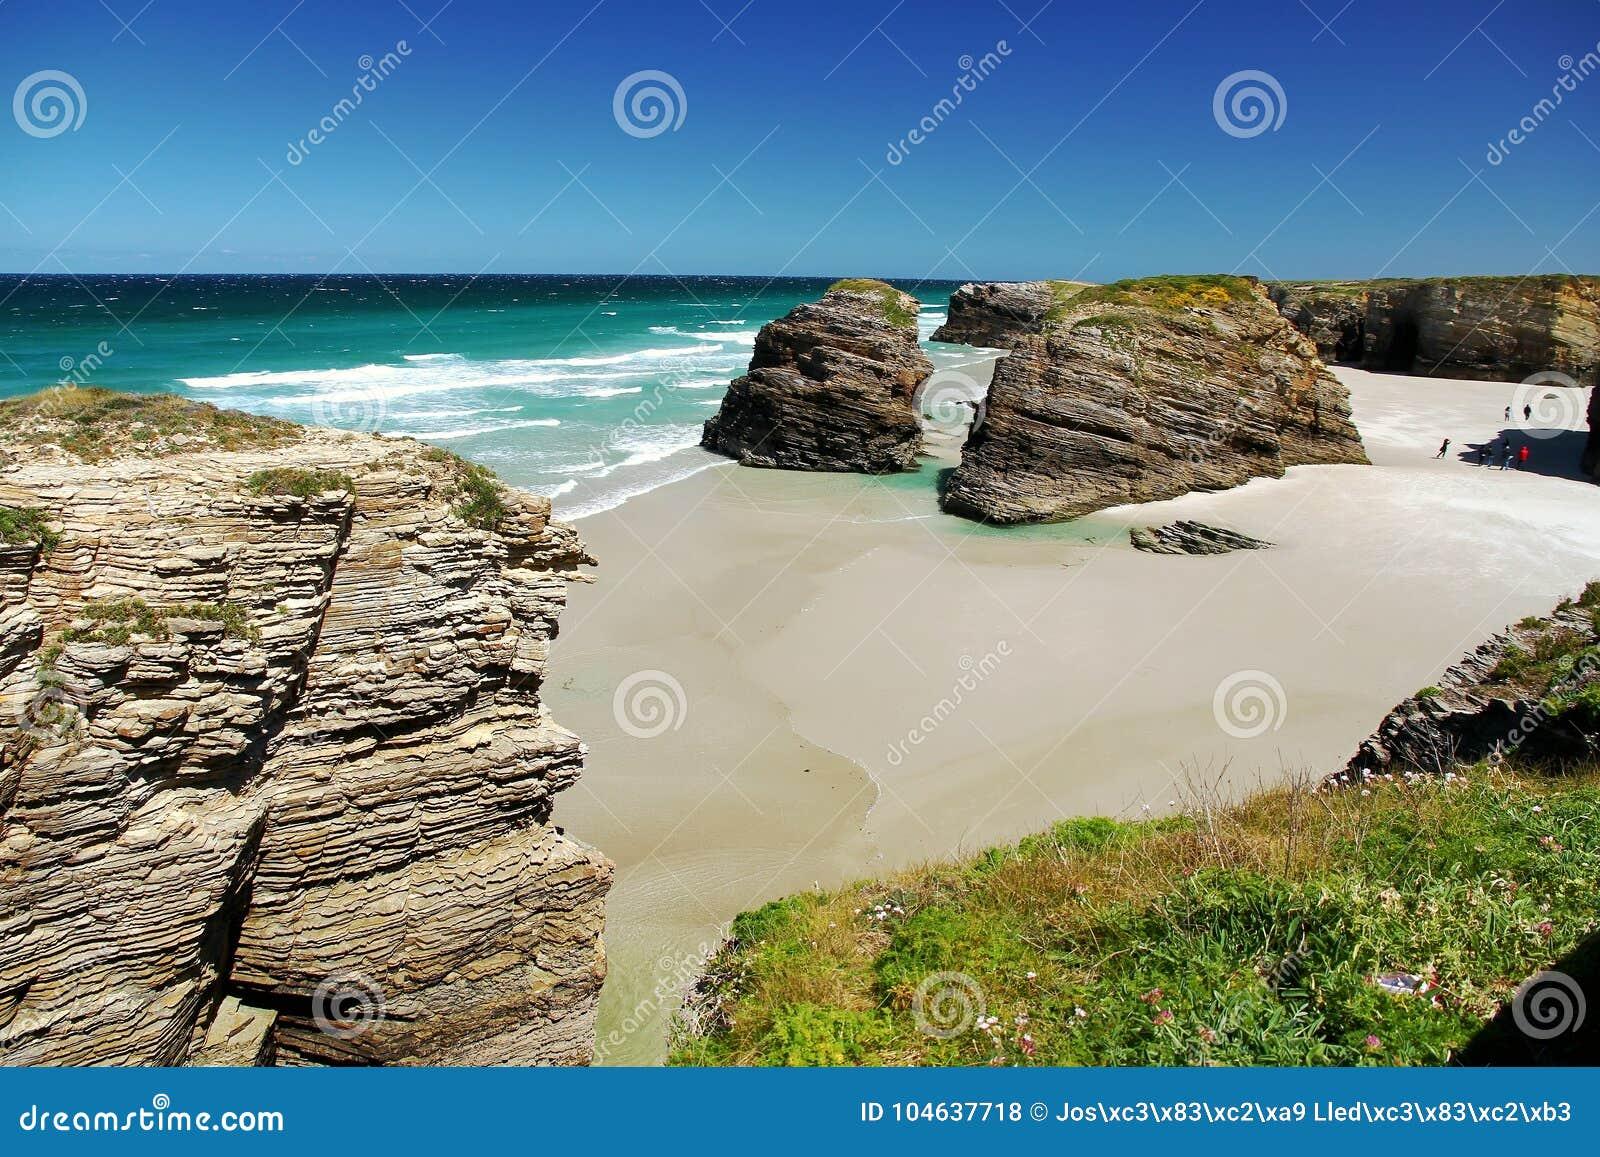 Download Het Kathedralenstrand In Eb Met Rotsen Erosioned Door De Actie Van Het Overzees Stock Foto - Afbeelding bestaande uit hoog, zand: 104637718